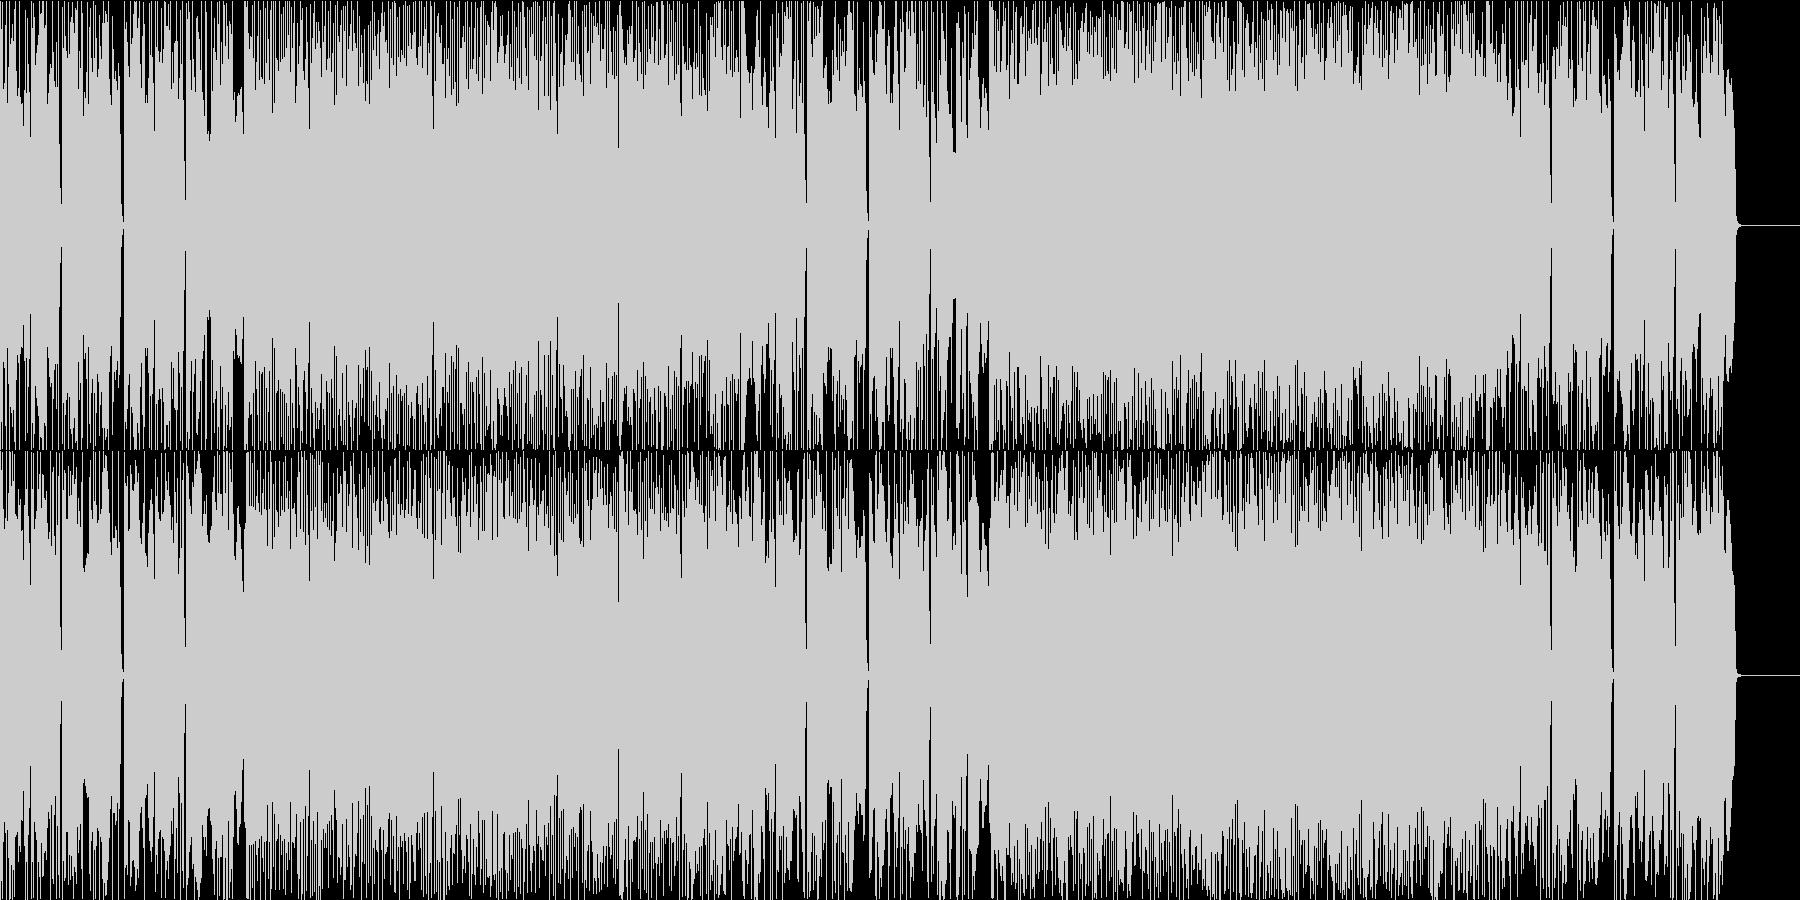 クールエレクトロニックサウンドの未再生の波形